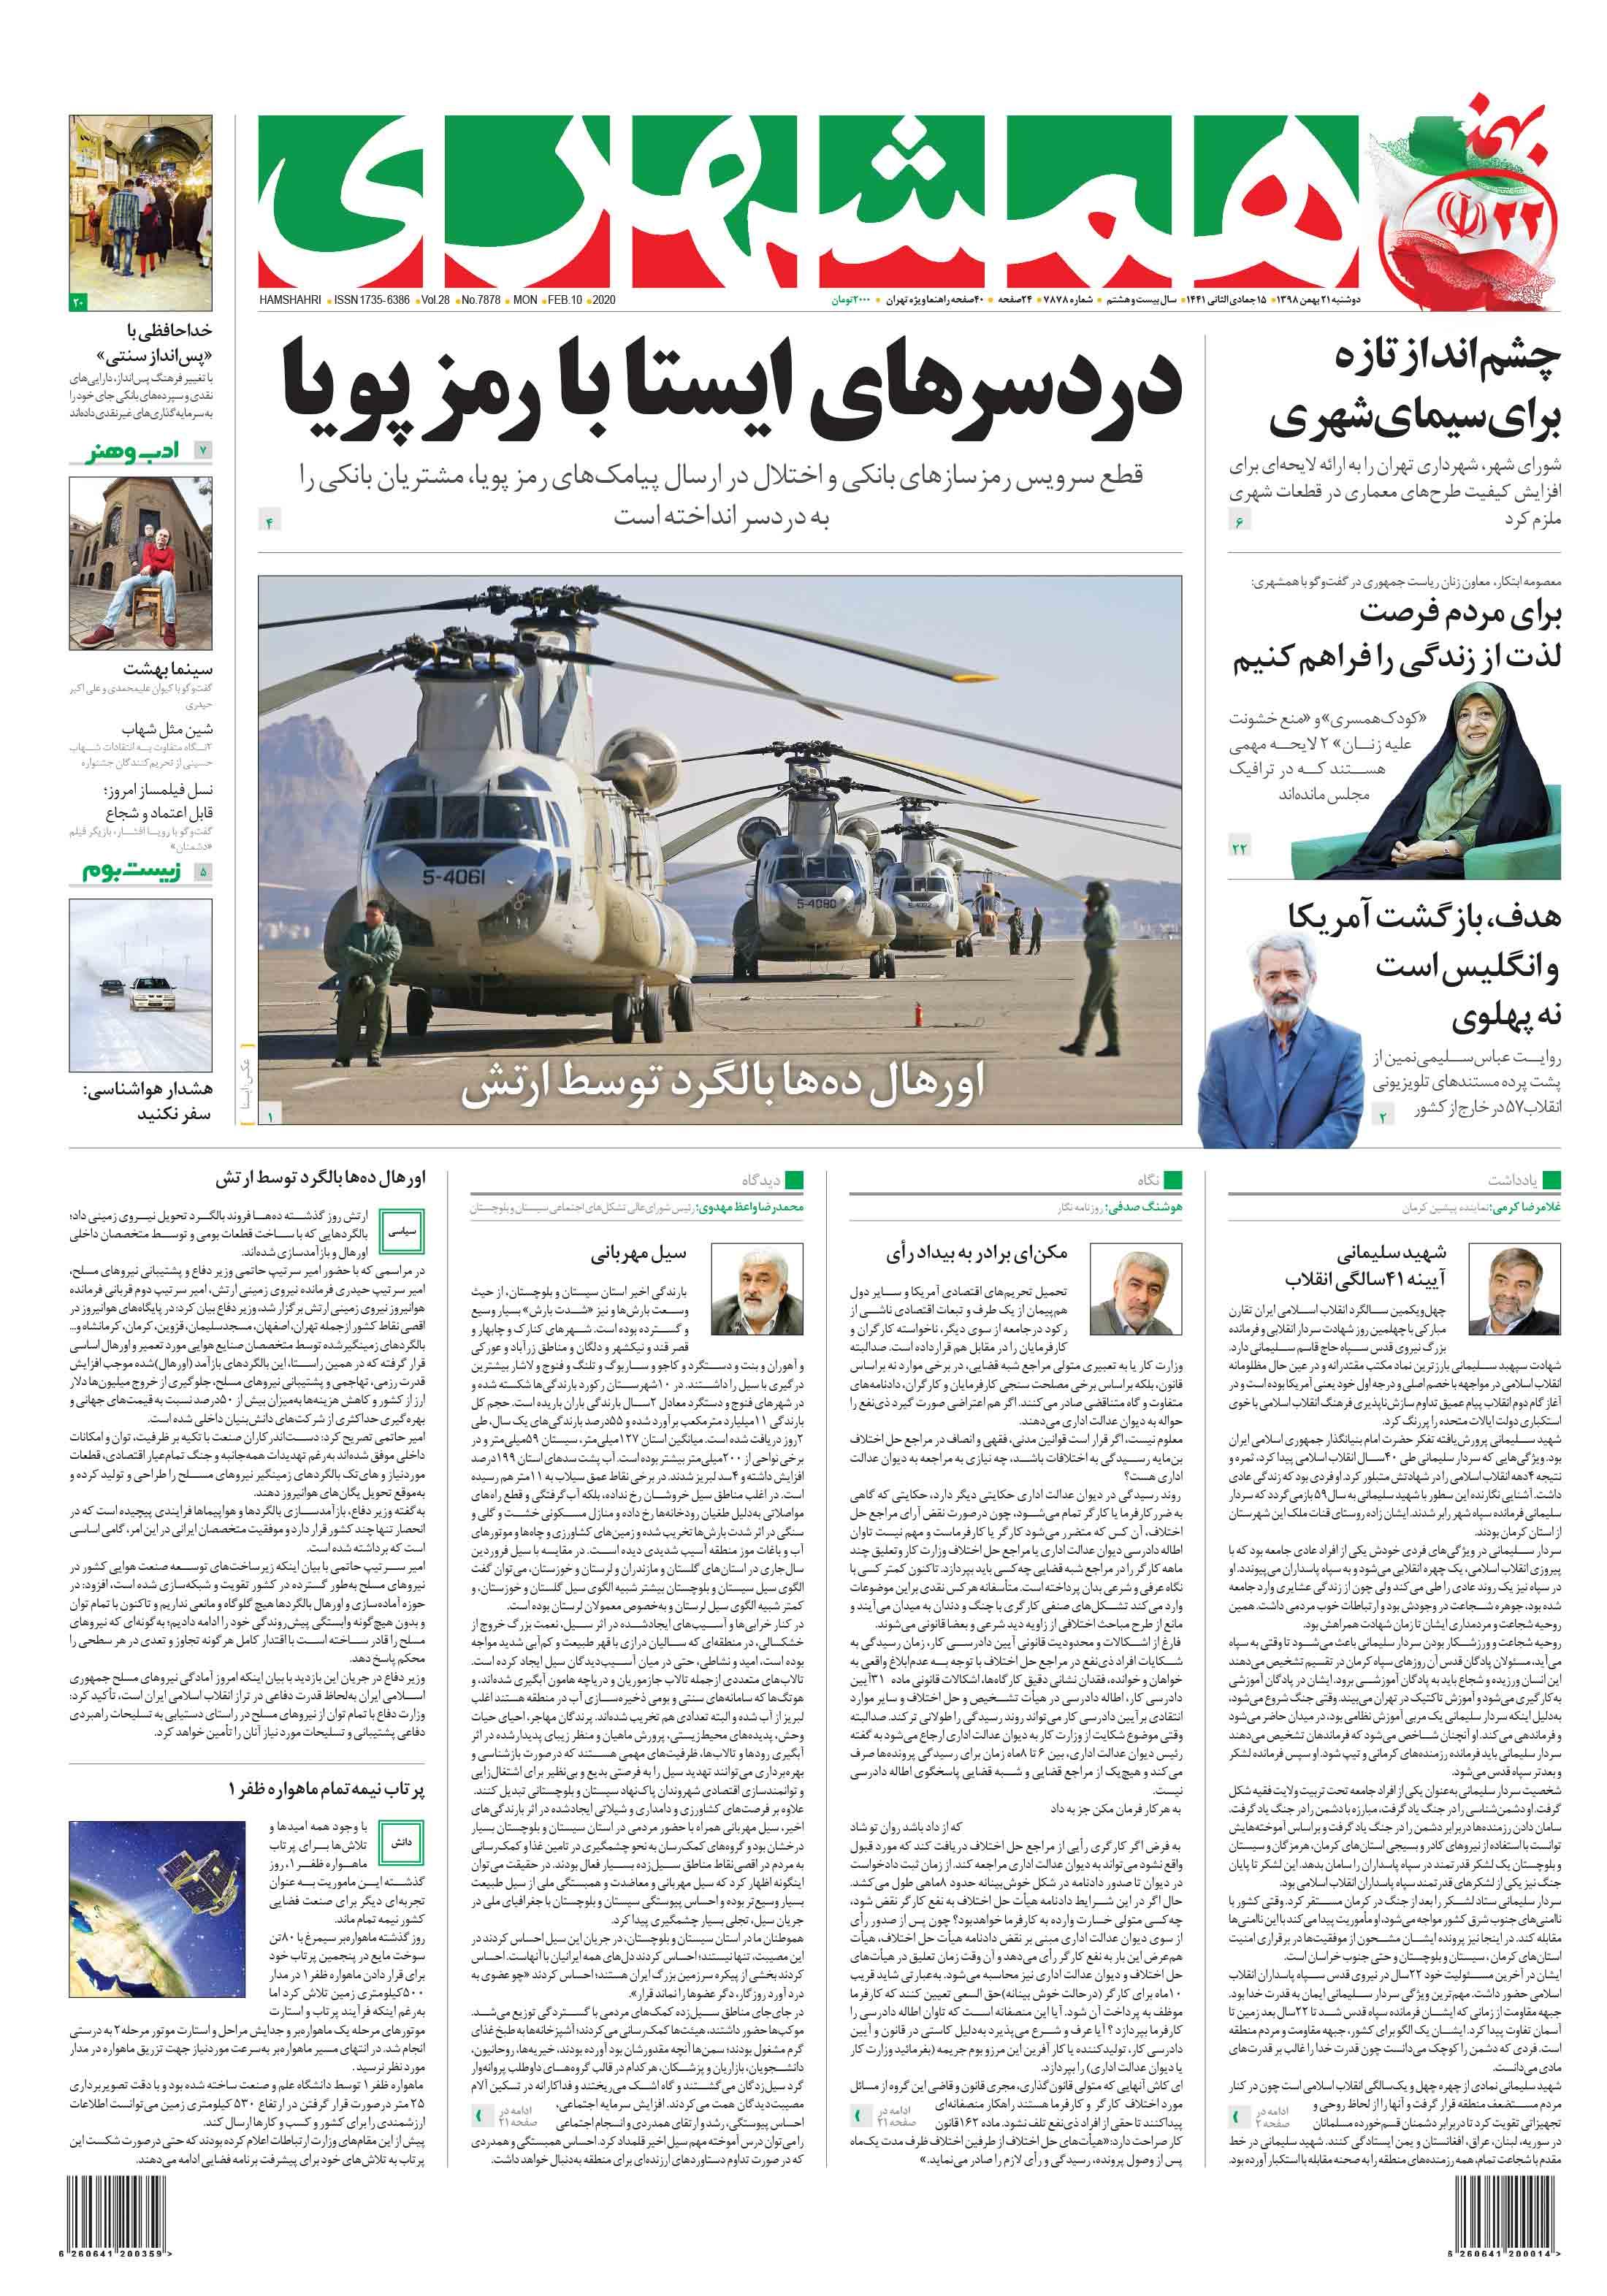 صفحه اول دوشنبه 21 بهمن 1398